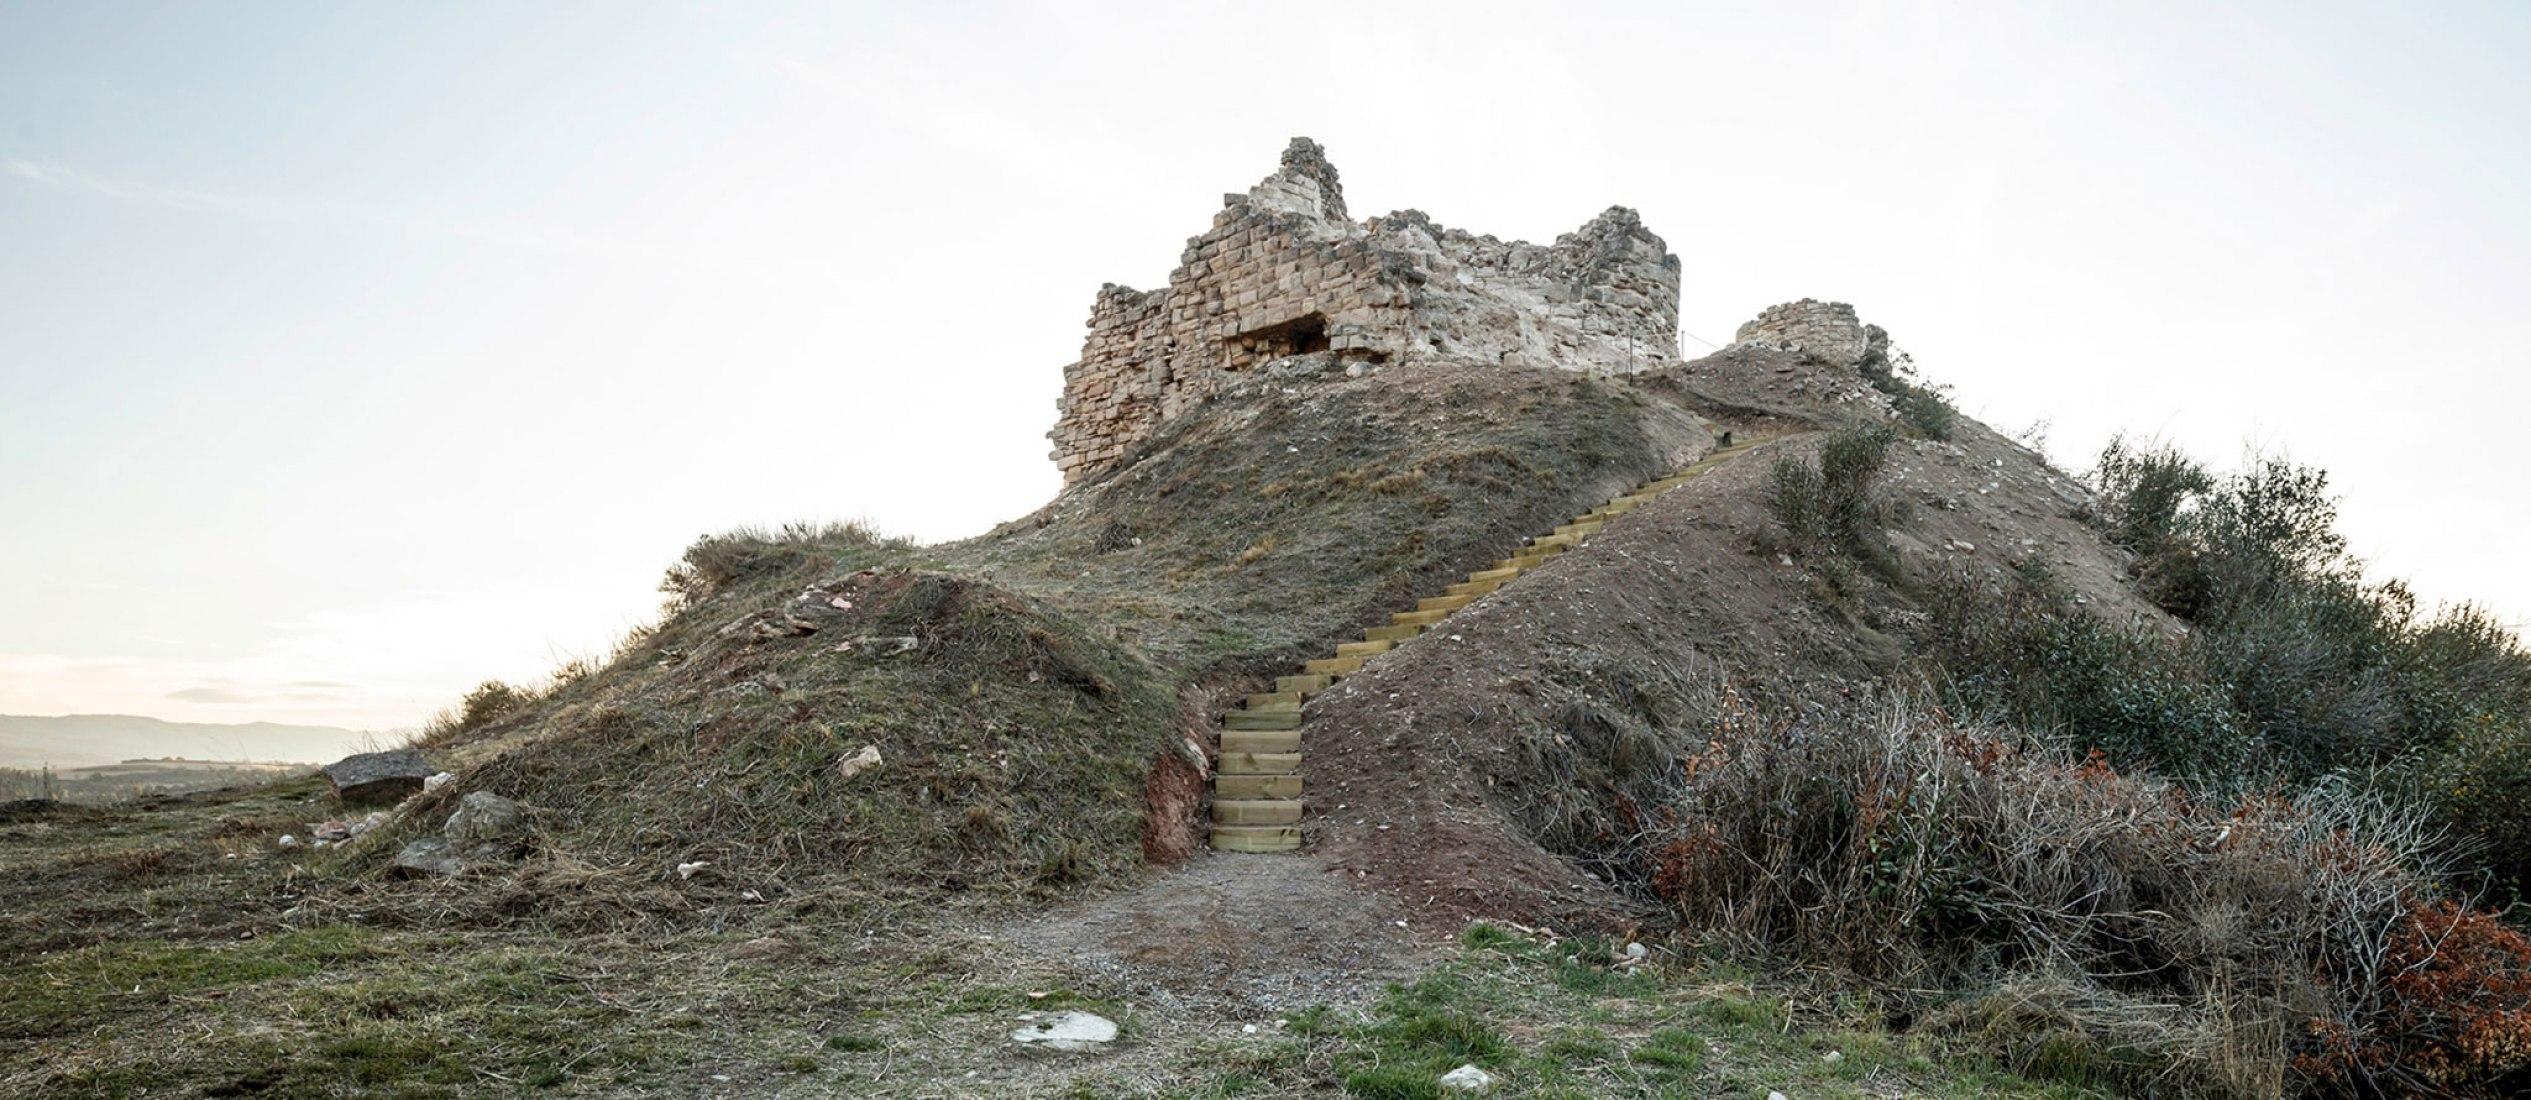 Vista exterior. Recuperación del acceso al castillo de Jorba por Carles Enrich. Fotografía © Adrià Goula